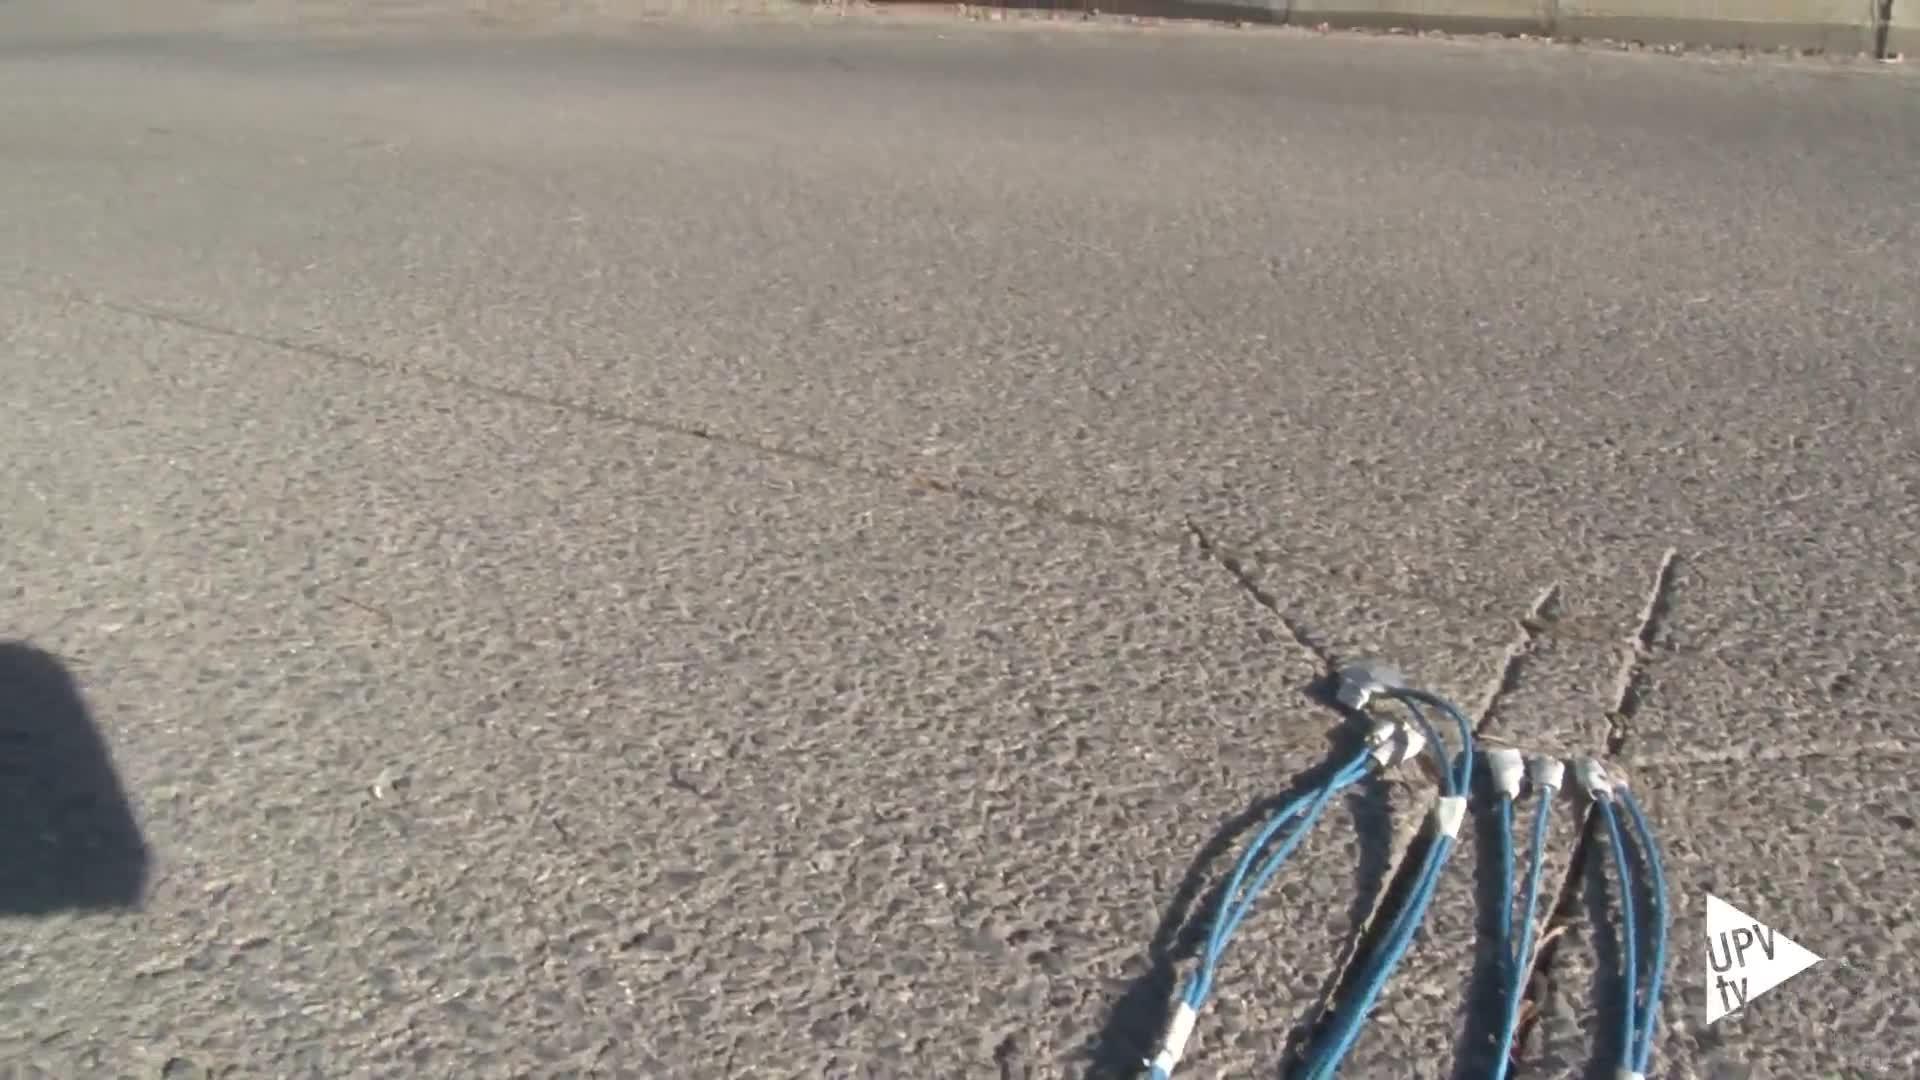 11-03-2019 Menos atascos en las carreteras